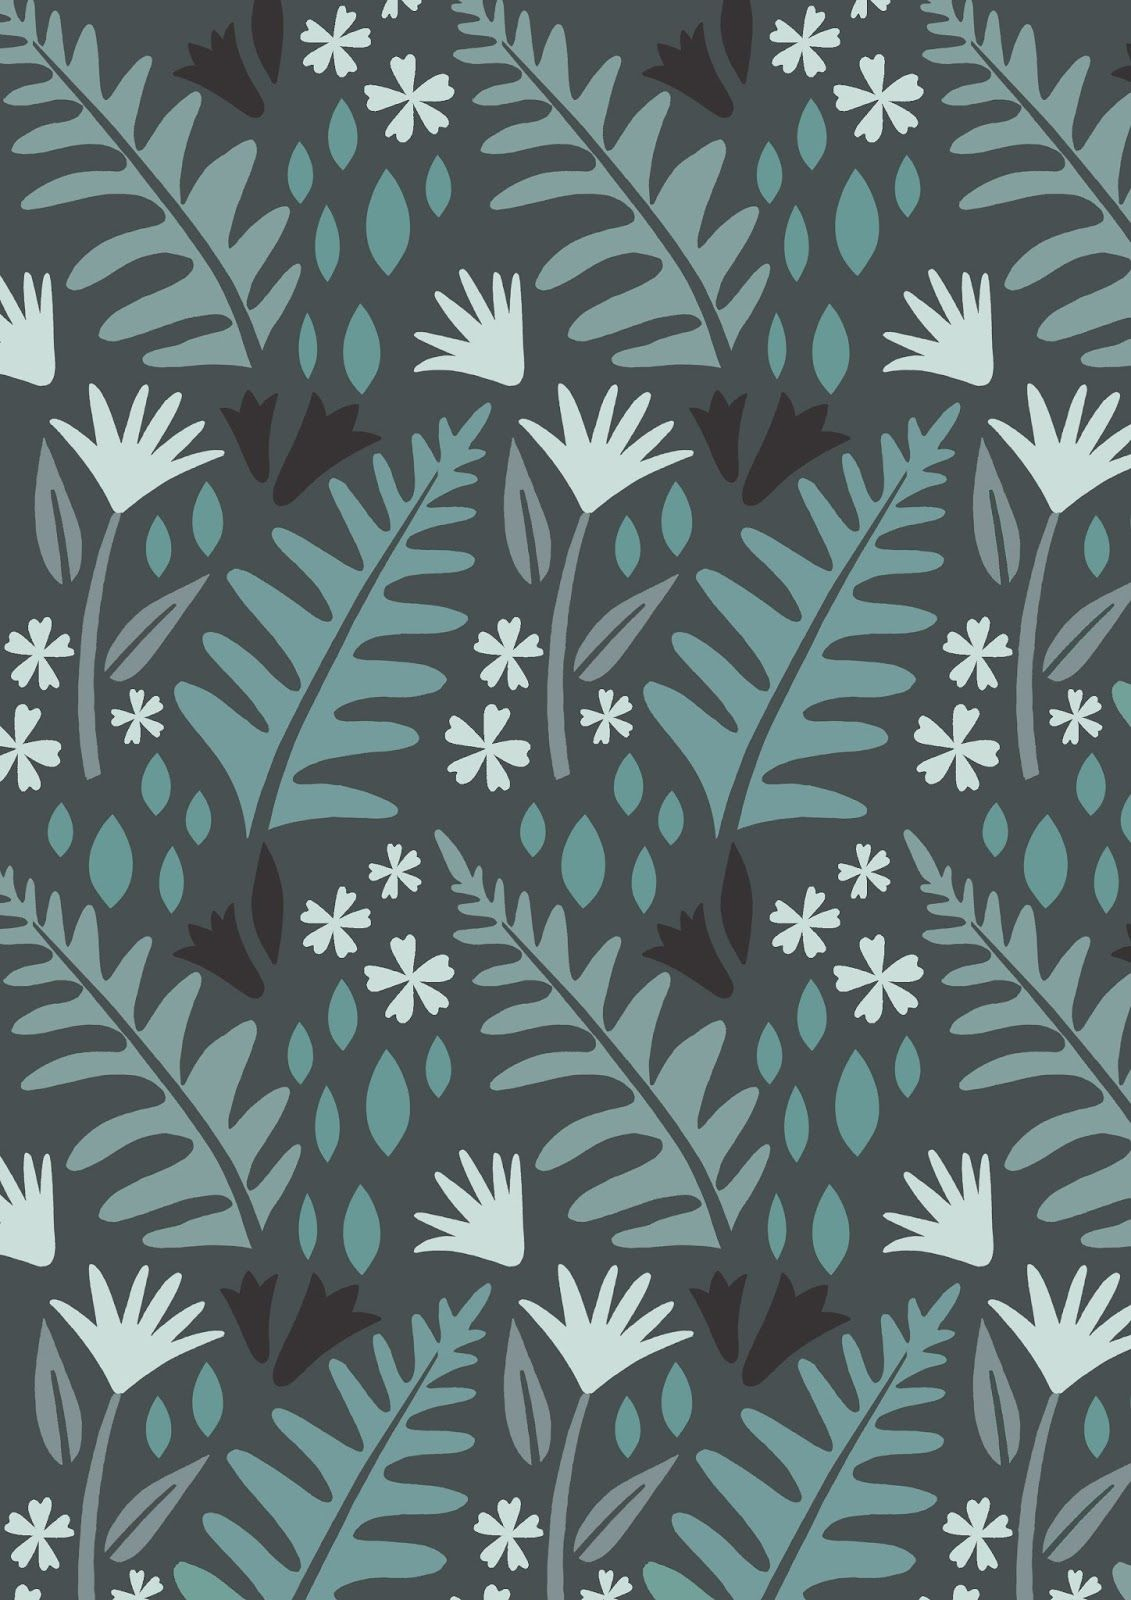 Farb- und Stilberatung mit www.farben-reich.com # Lucy Davey